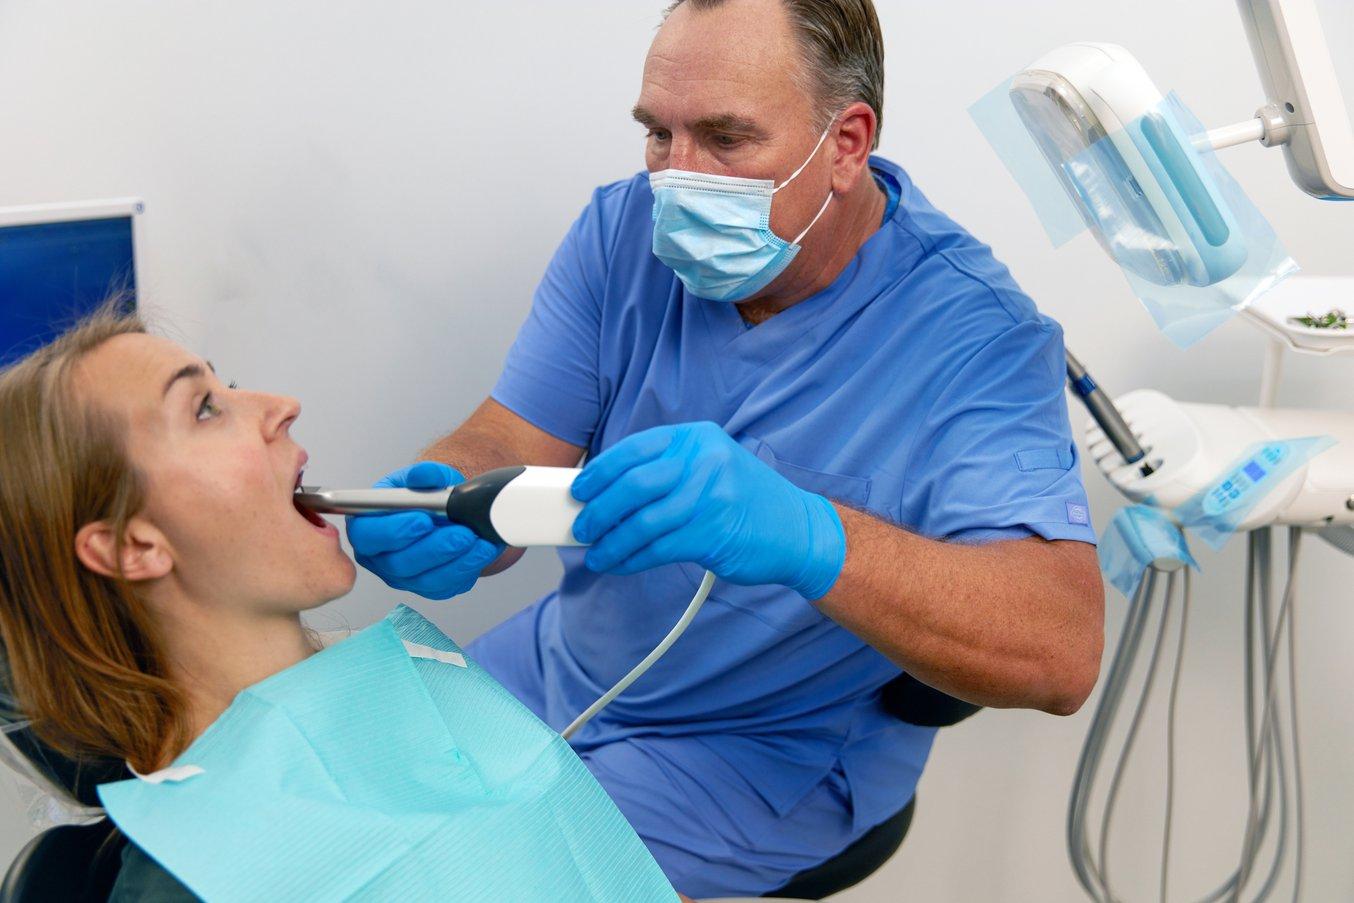 Gli scanner intraorali contribuiscono a ridurre la durata delle visite e la manodopera, nonché a eliminare il costo dei materiali e la necessità di inviare le impronte al laboratorio odontotecnico.